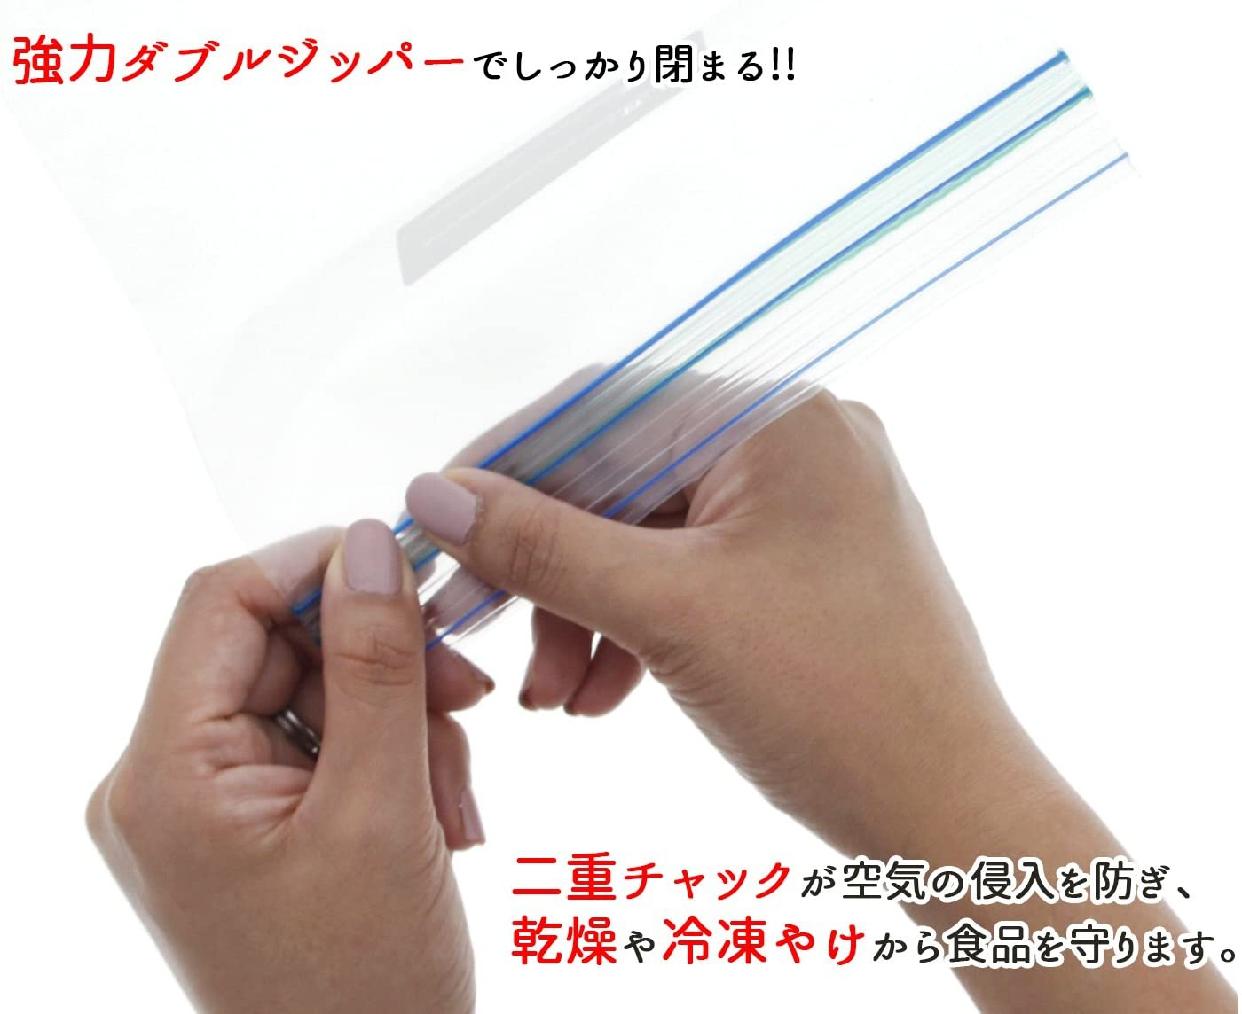 ハウスホールドジャパン フリーザーバッグ ダブルジッパー 冷凍保存用 M KZ15の商品画像5